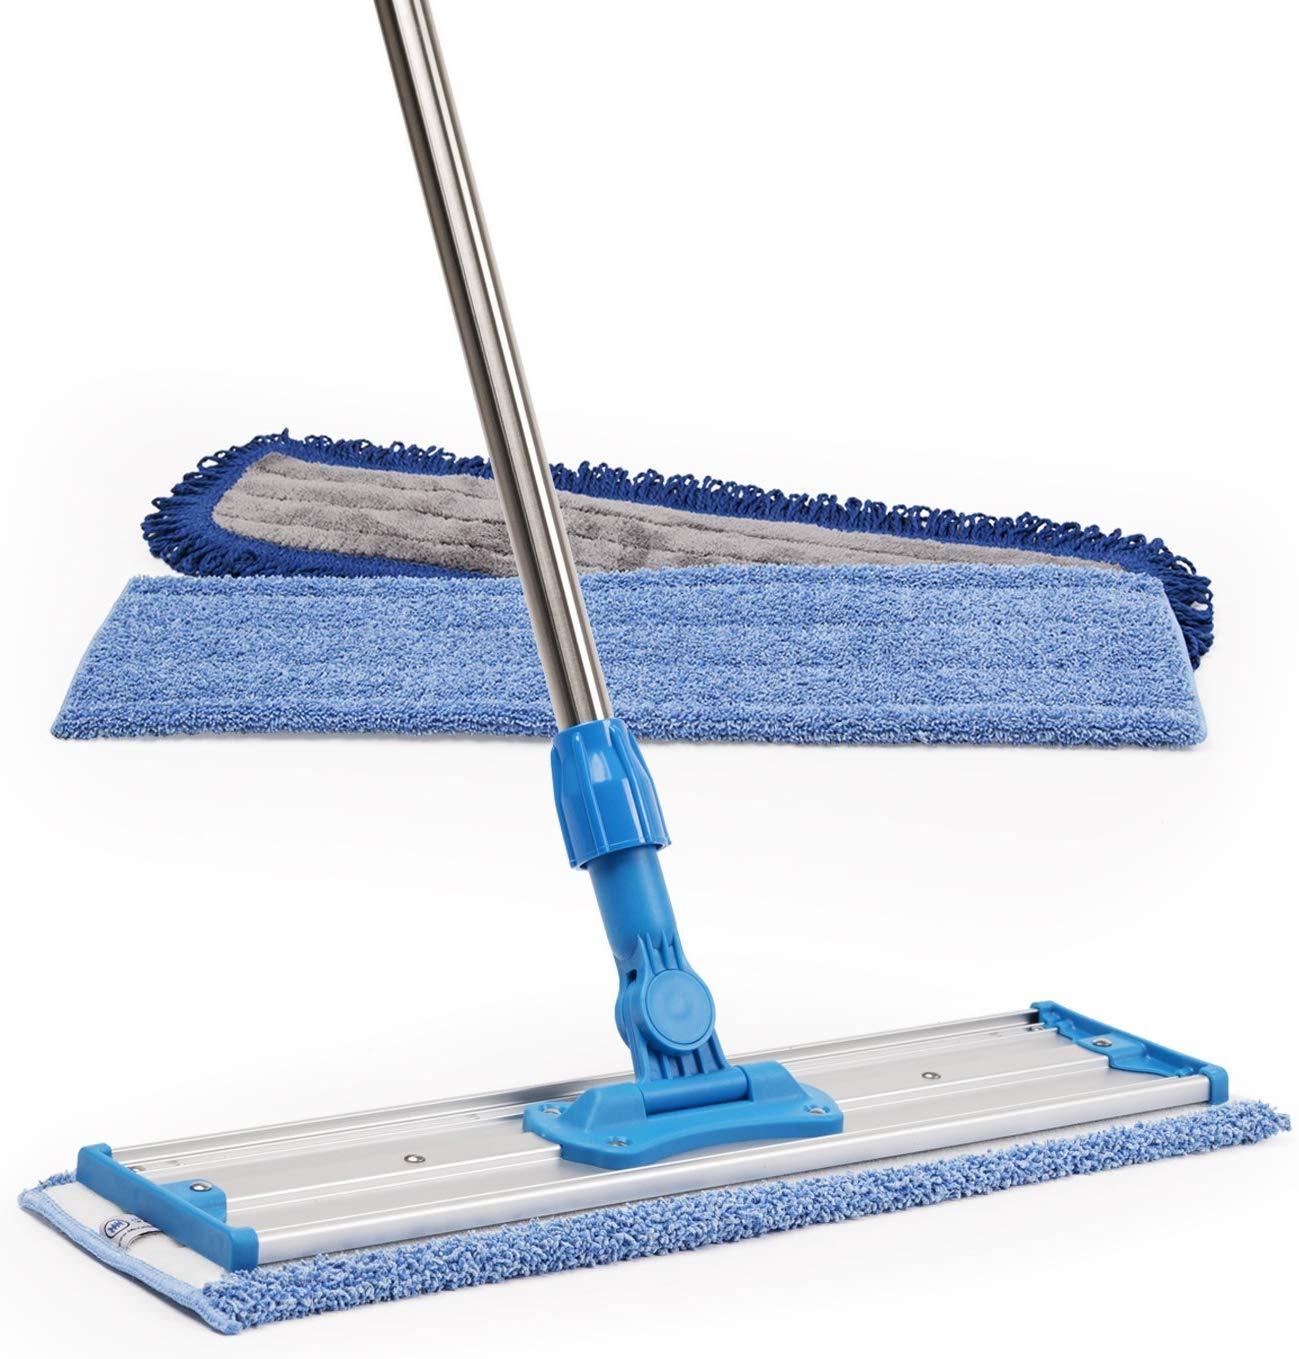 Best Microfibre Mop: Microfibre Wholesale 18'' Professional Mop